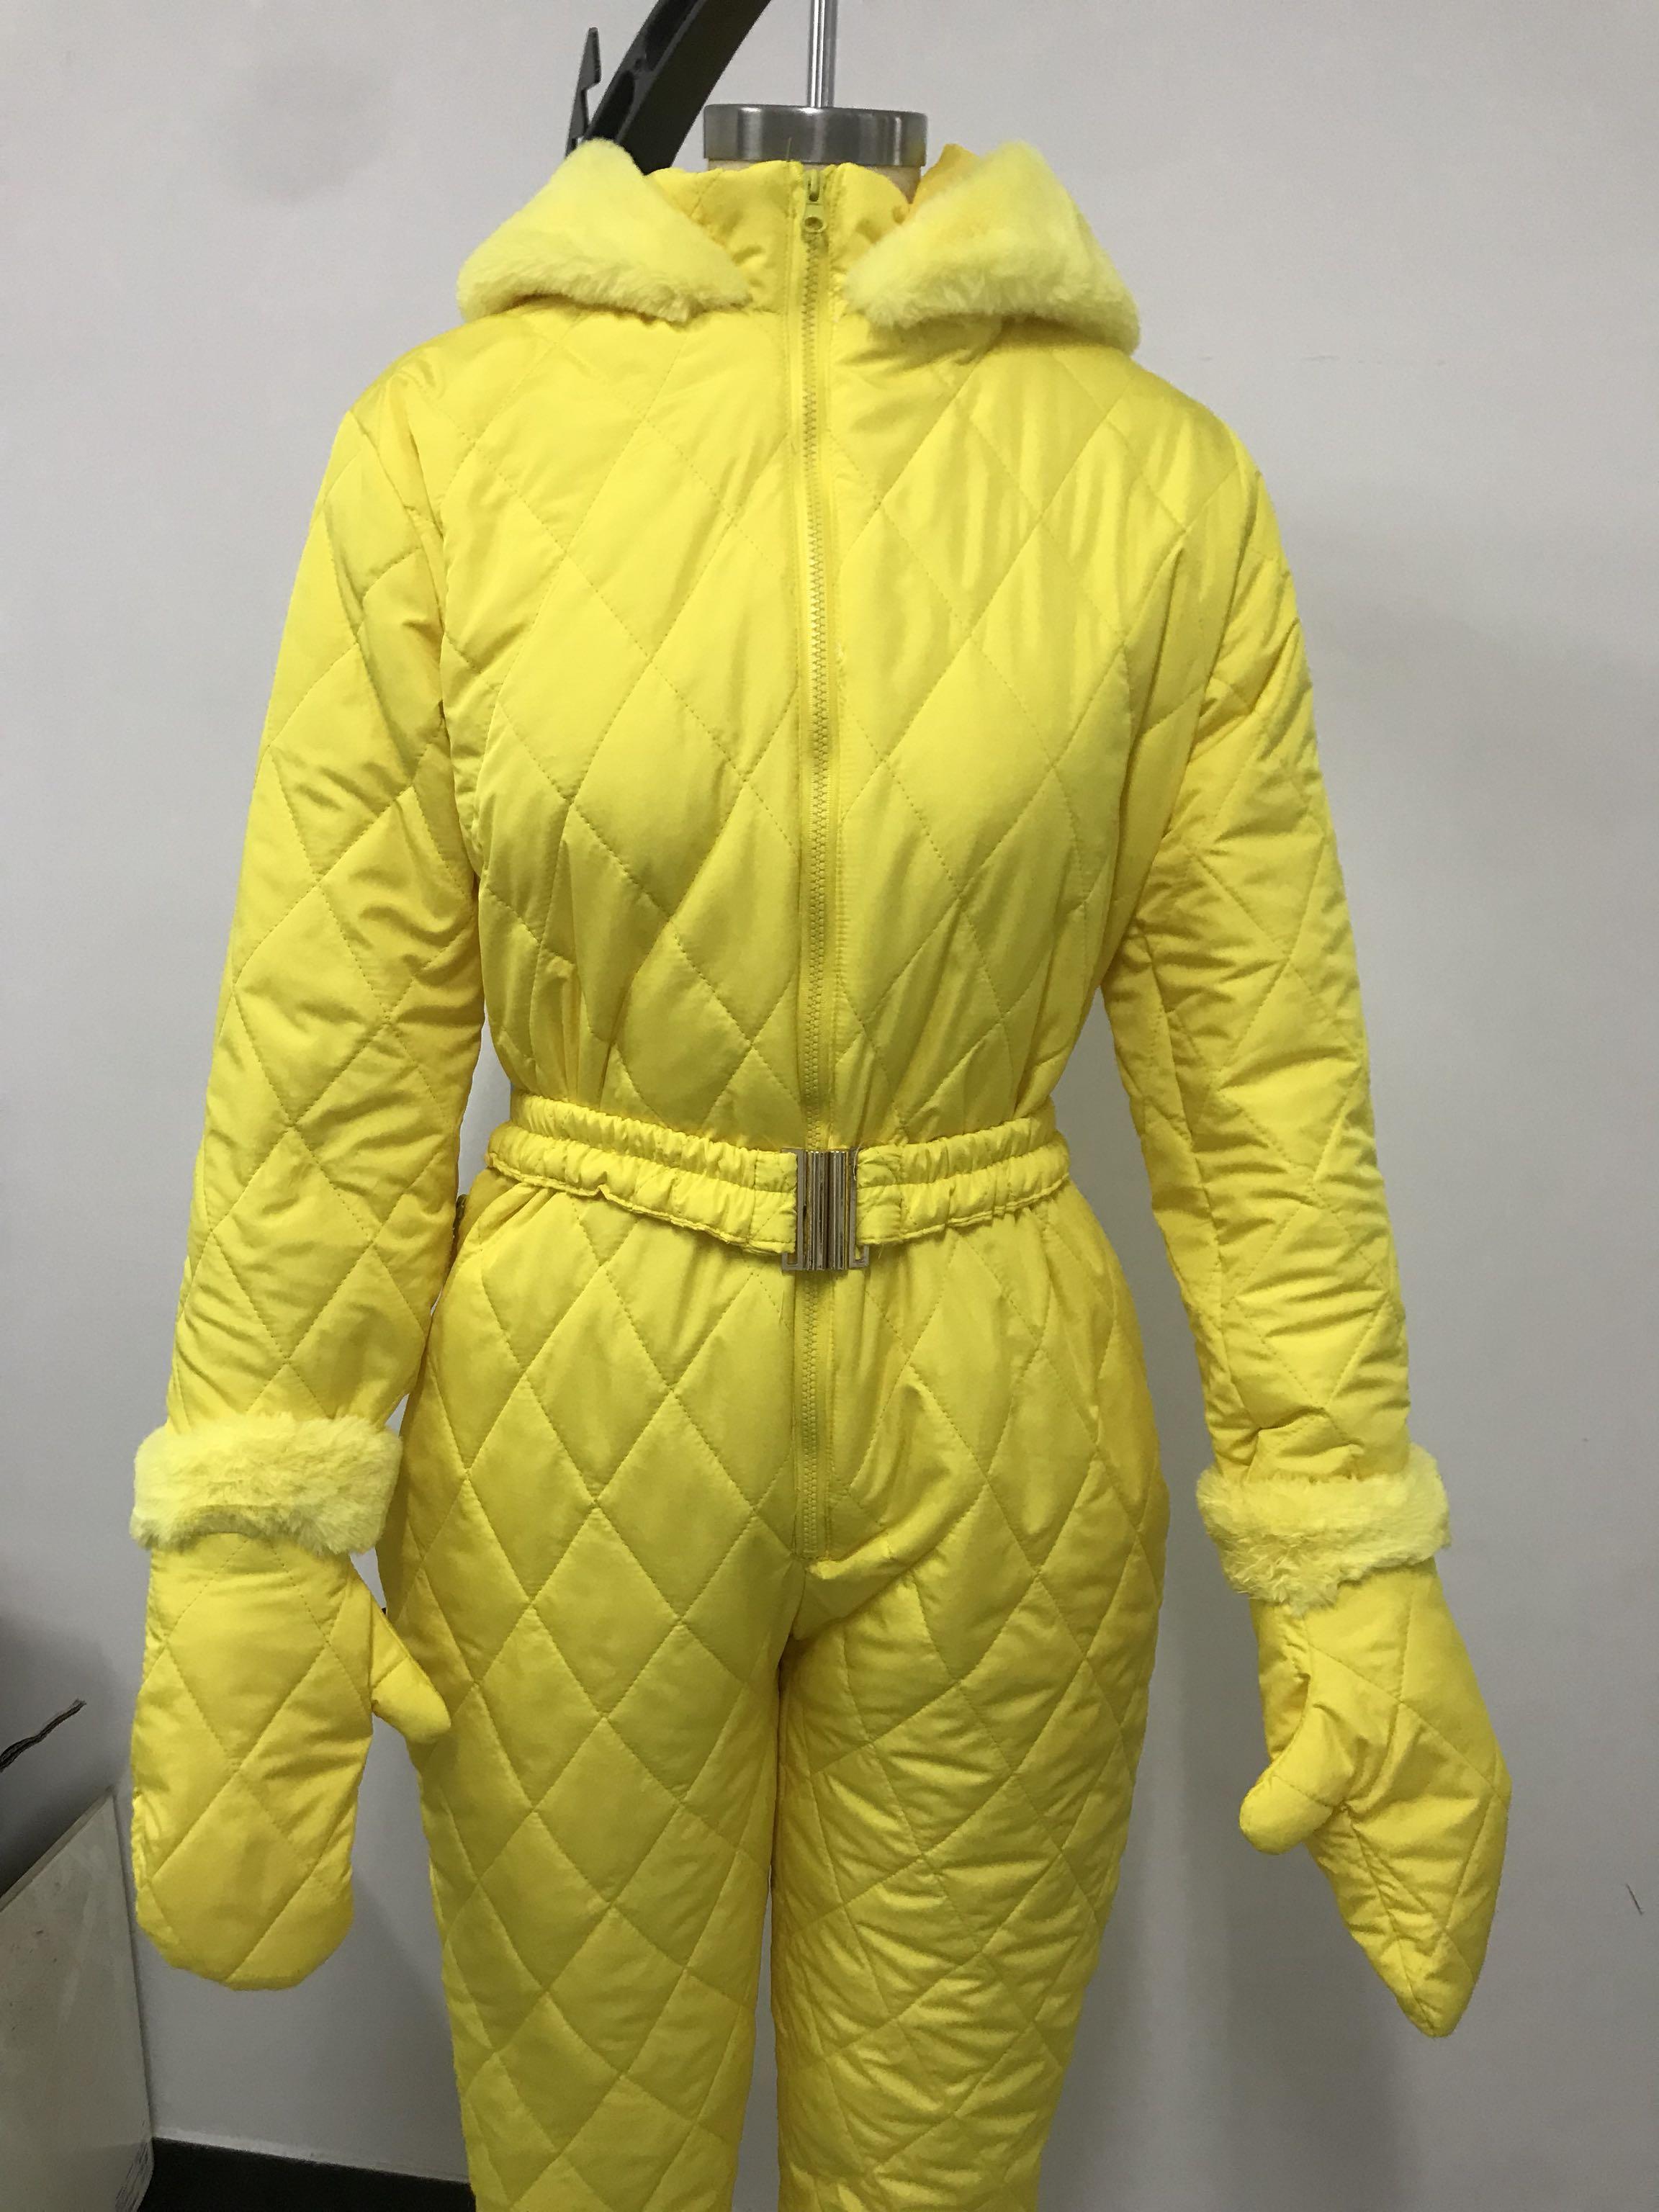 Women Winter Jumpsuit Zipper Ski Suit Warm Snowsuit Outdoor Sports Pants Ski Suit Waterproof Jumpsuit Large Size